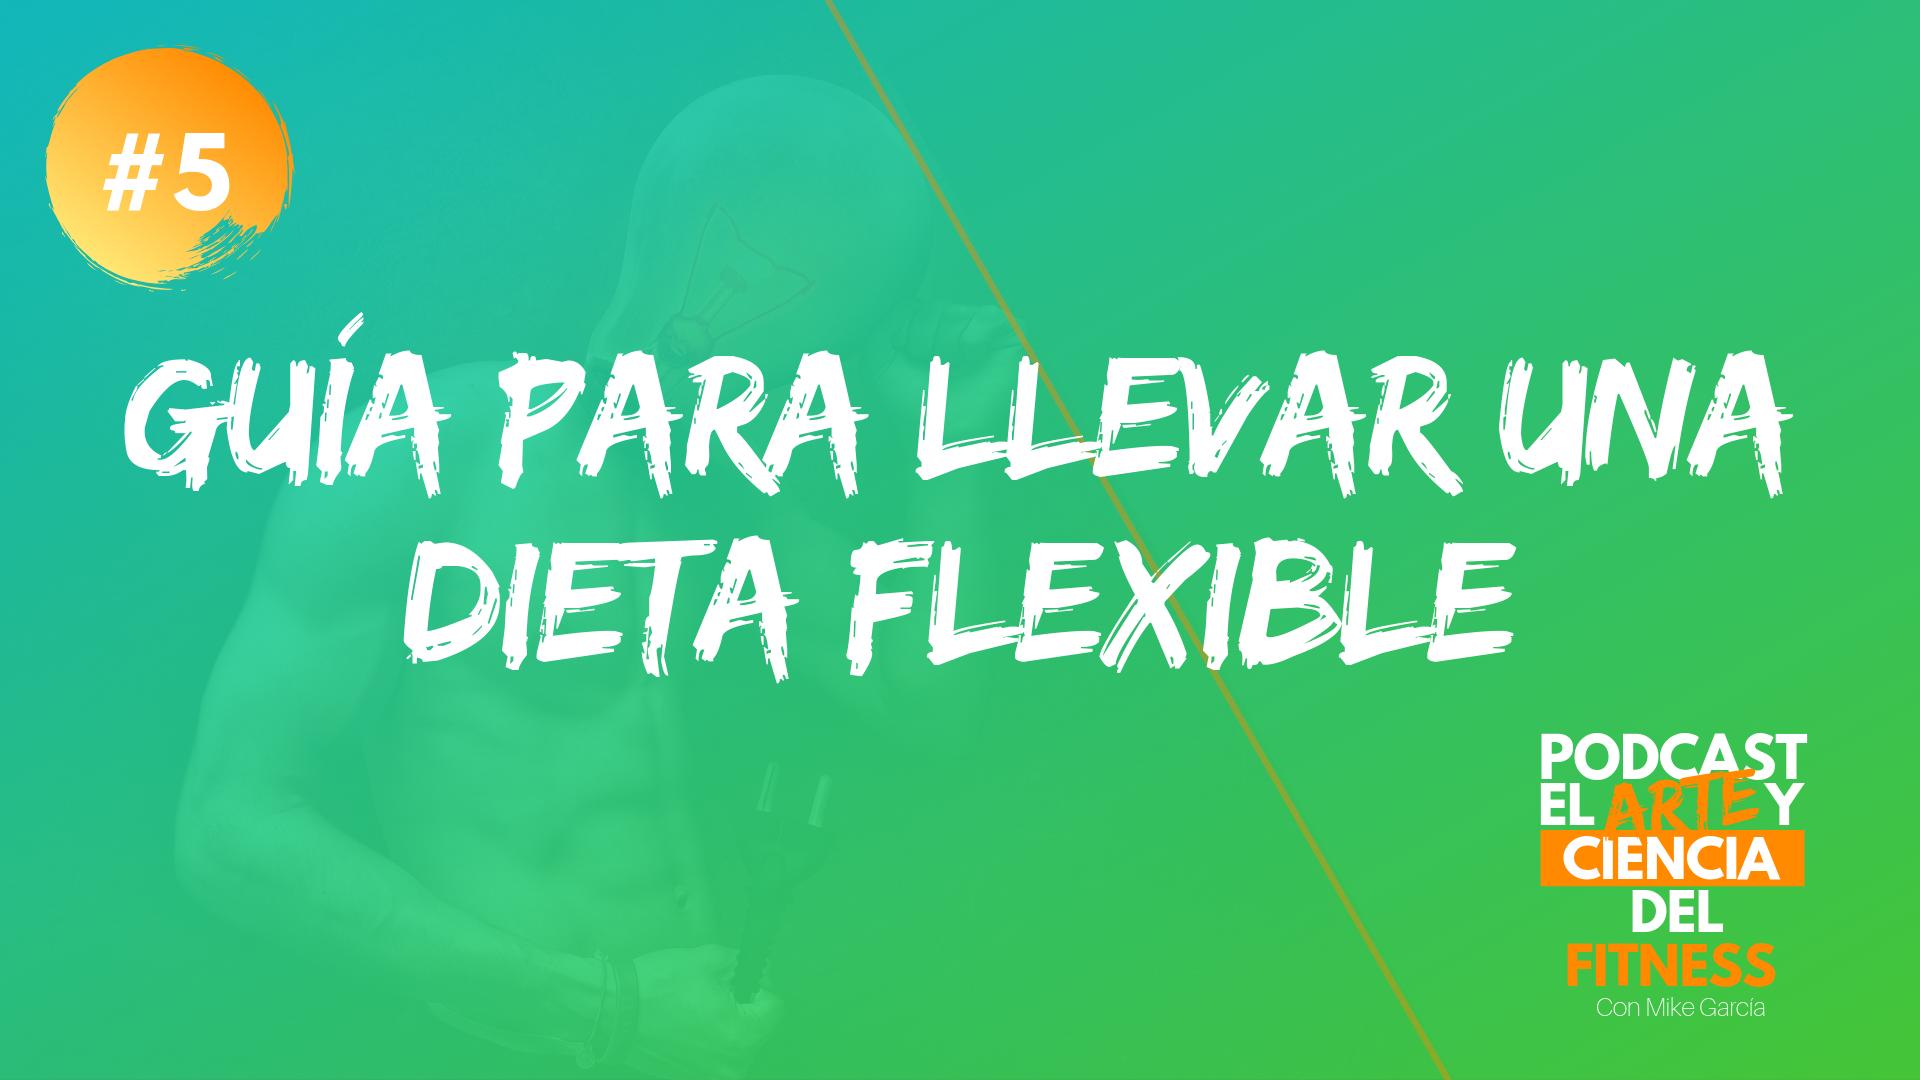 Podcast #5: Guía Para Llevar Una Dieta Flexible